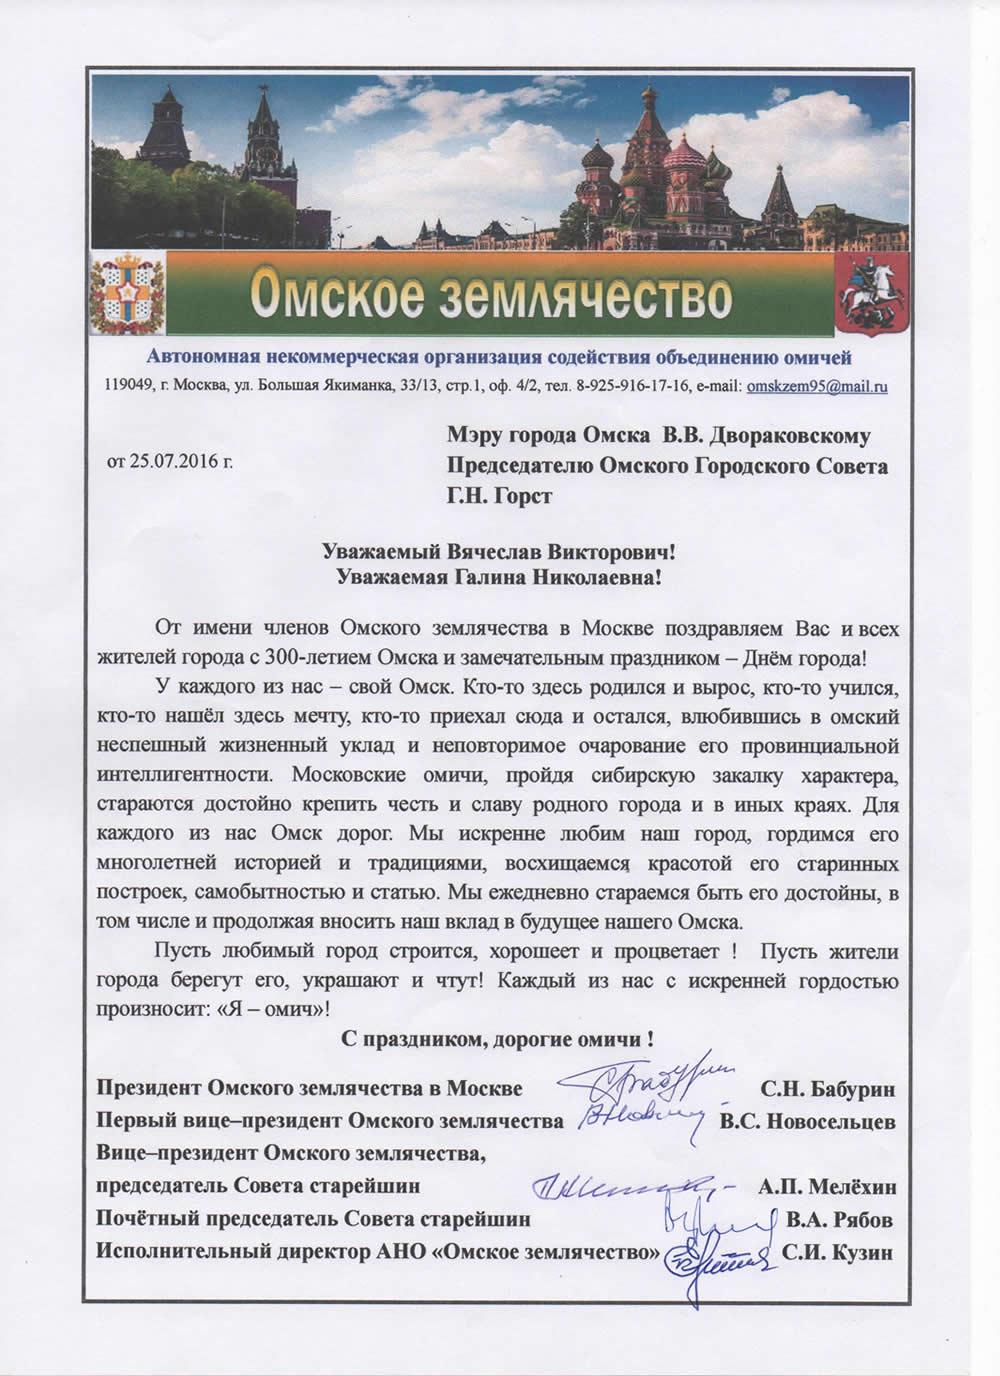 Поздравление Омска с 300 летием Полиграф Полиграфыч. - Ok 69